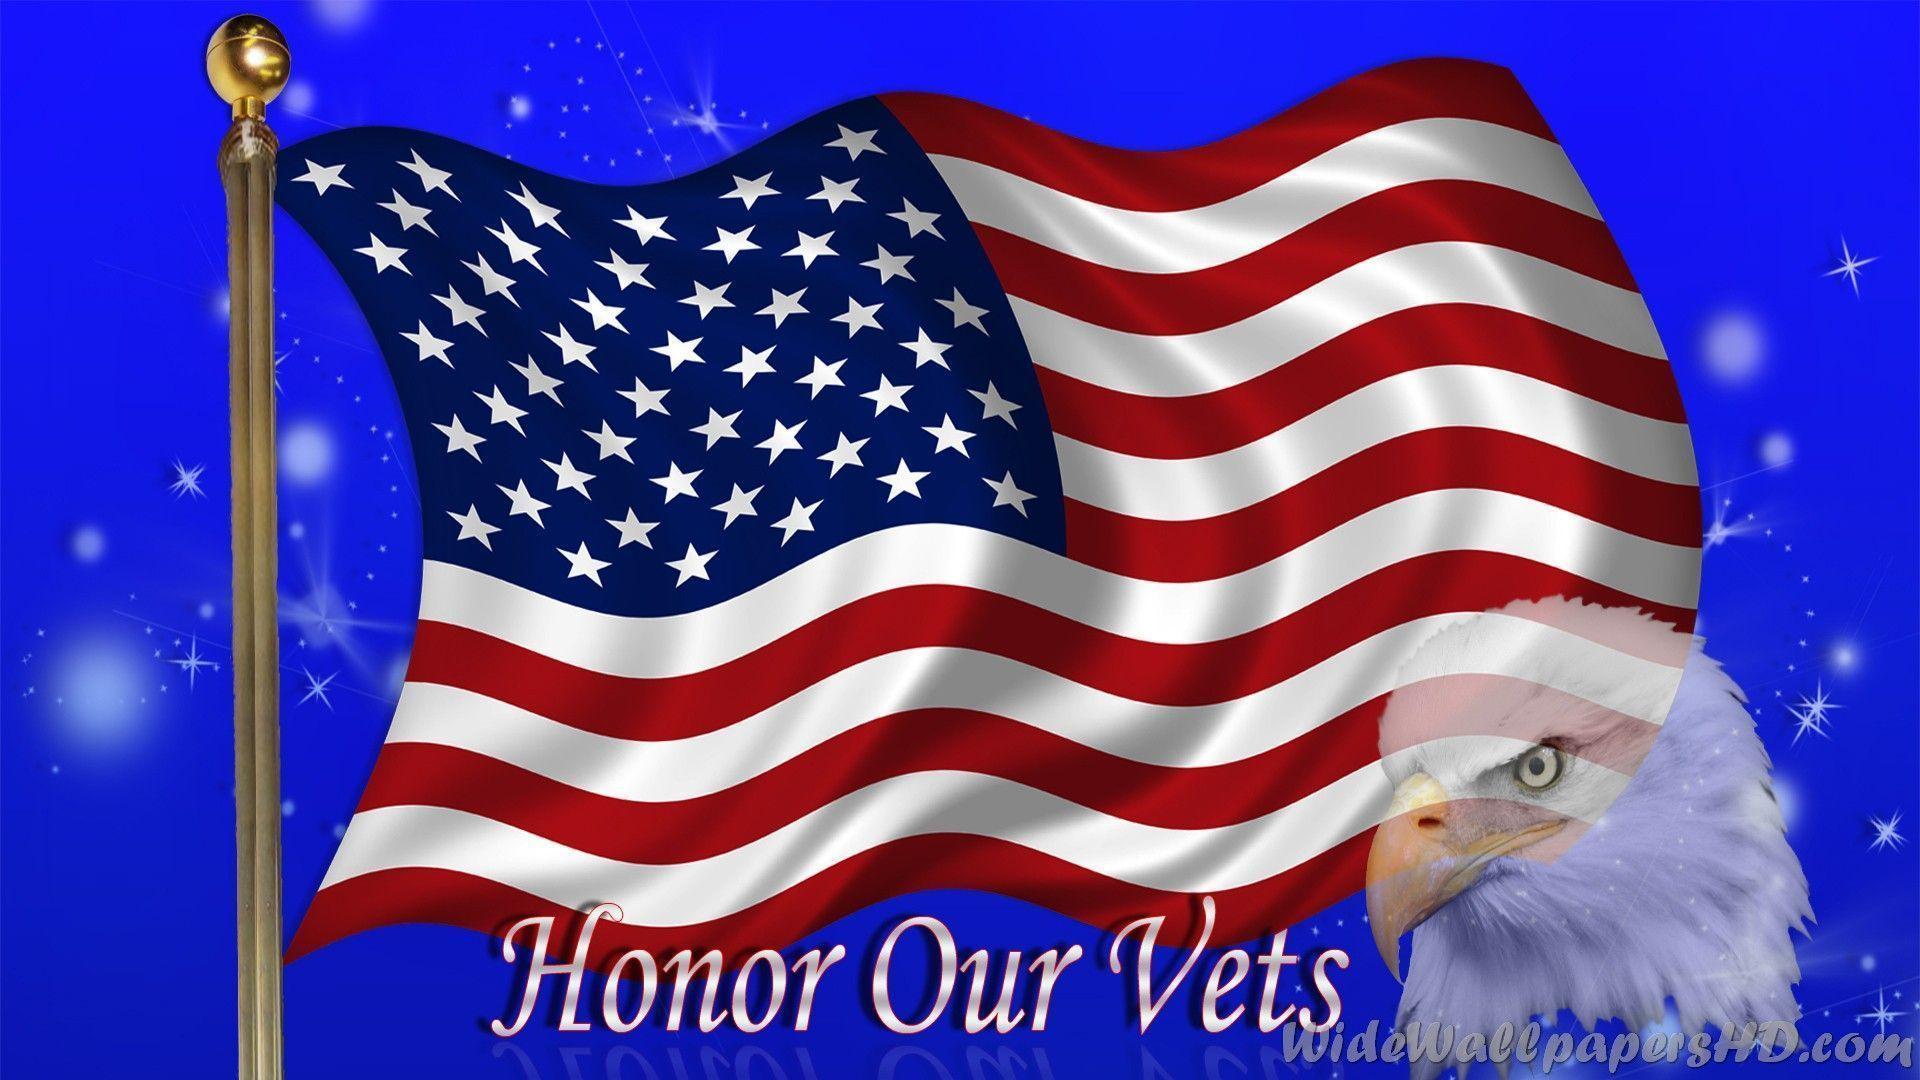 Veterans Day Wallpaper 9 HD Wallpapers | imagesofmemorialdays.